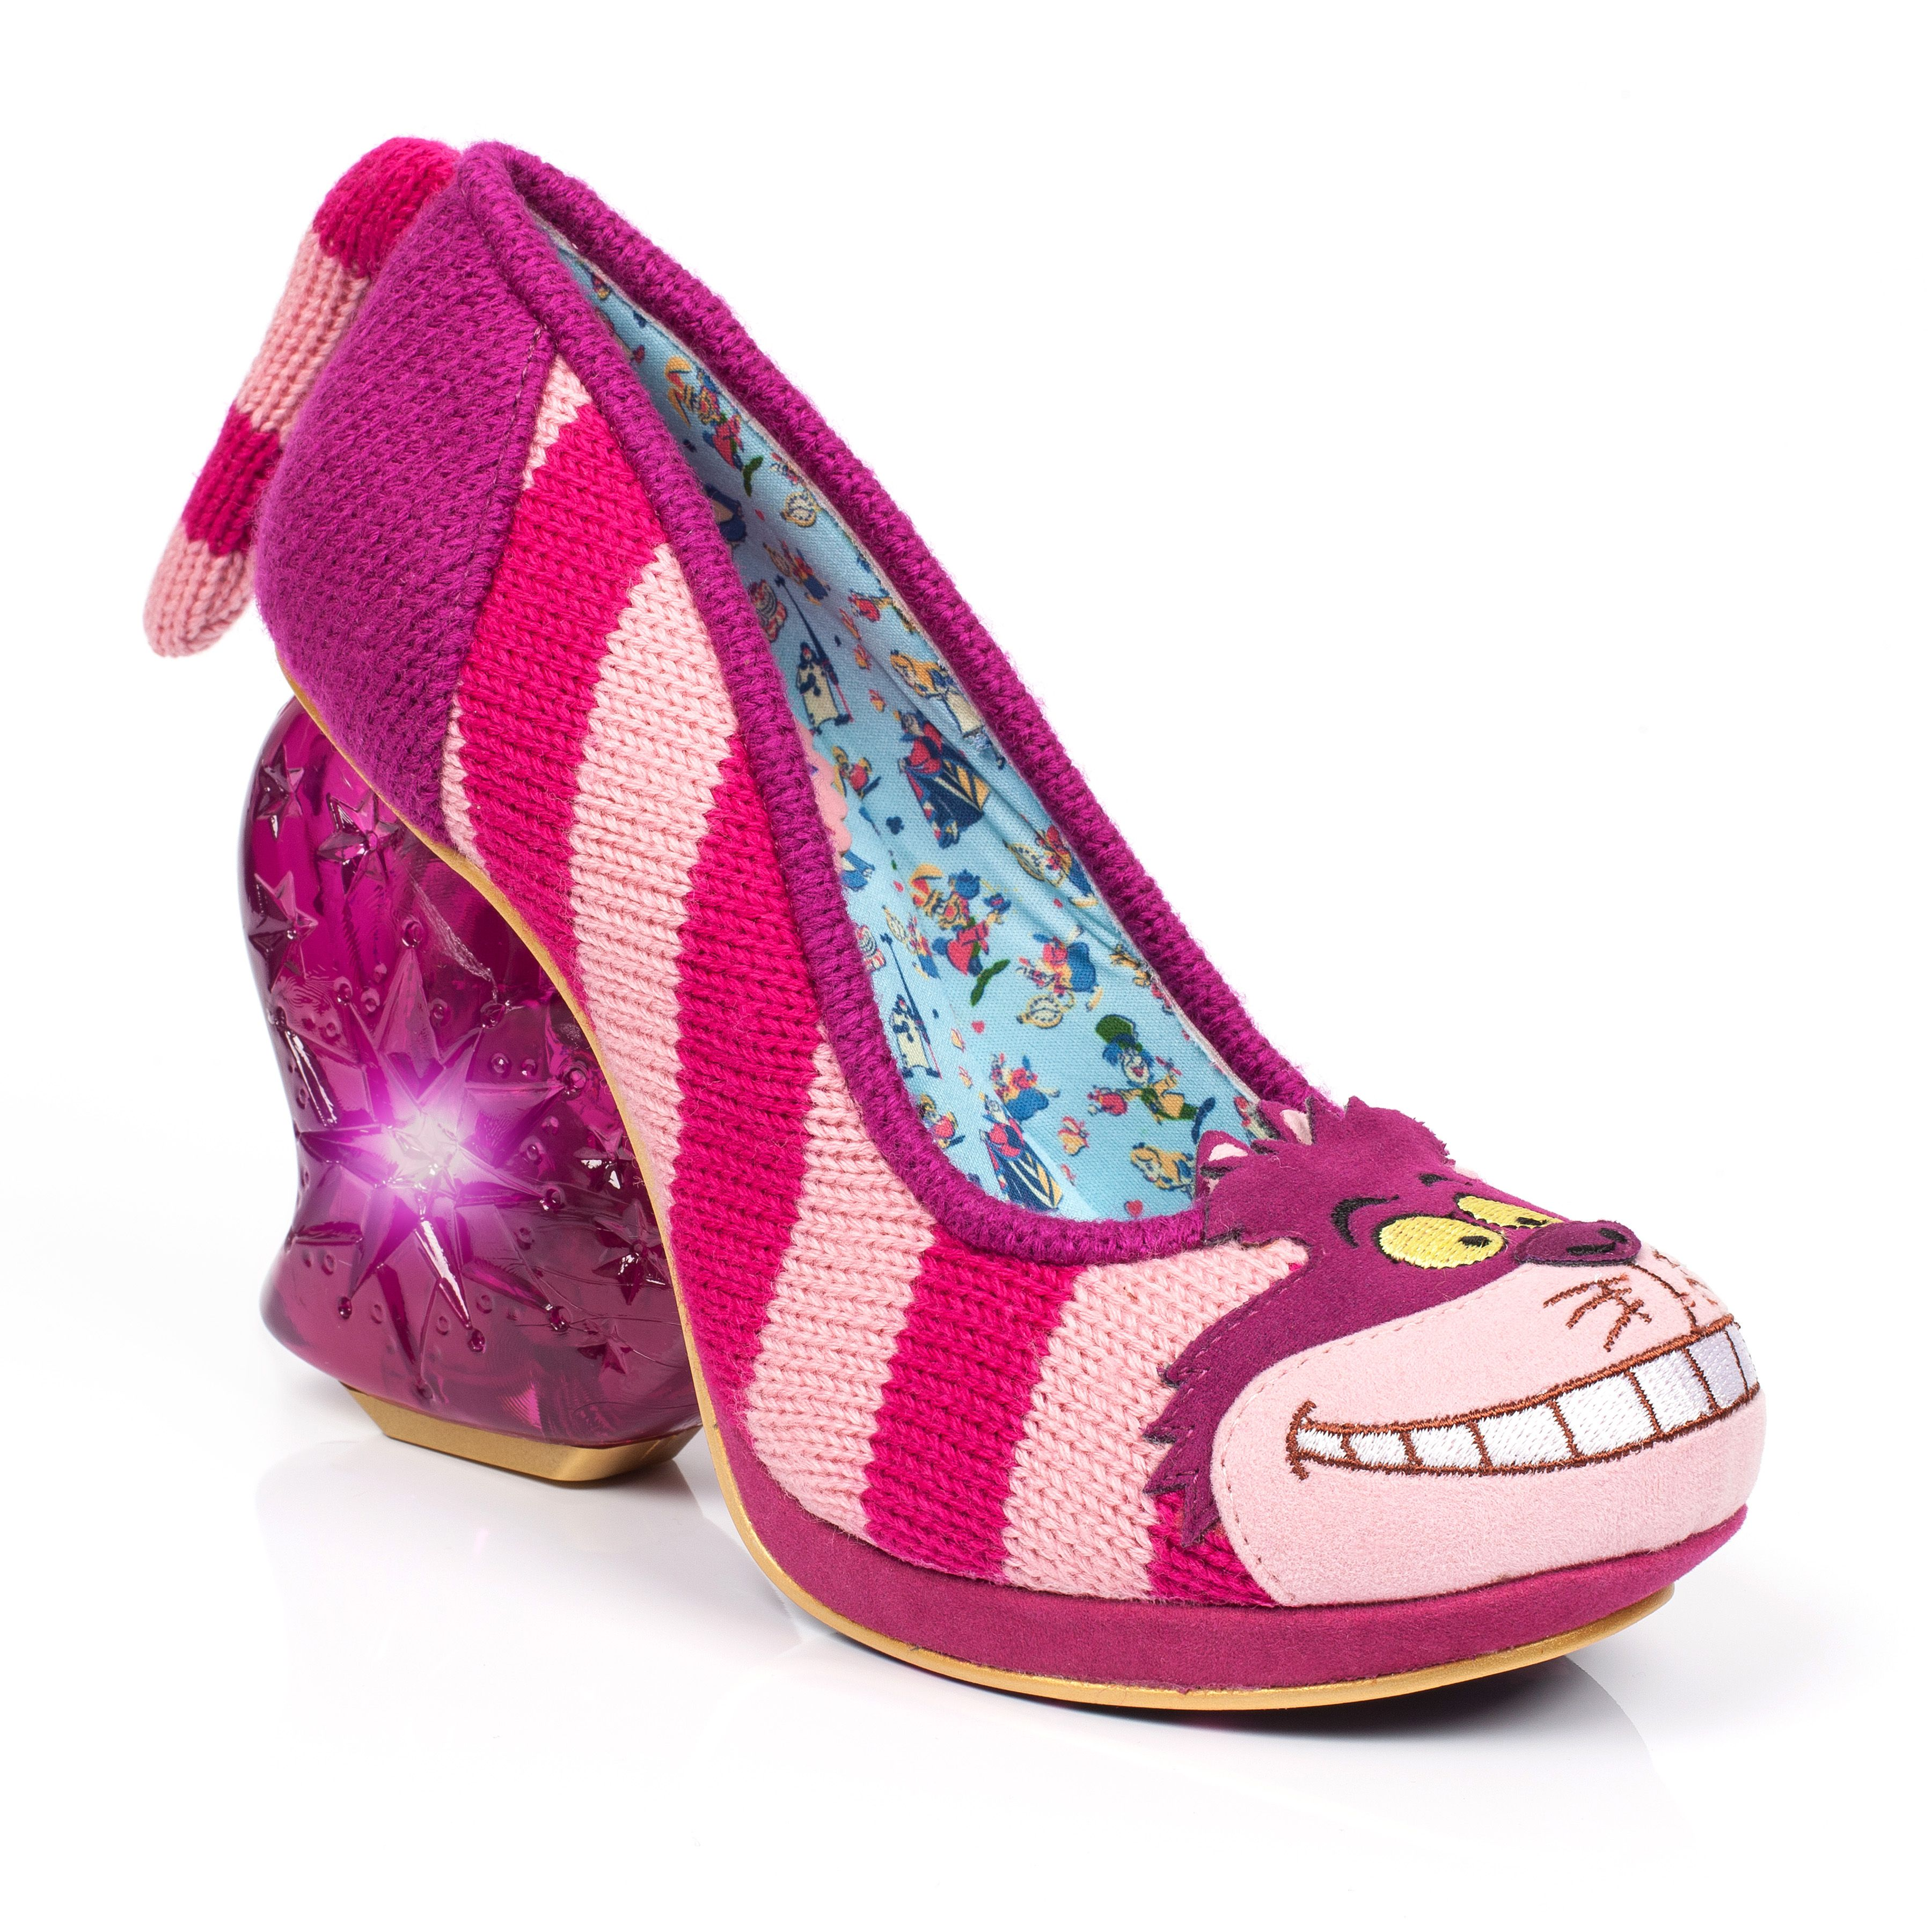 Les chaussures Alice au pays des merveilles par Irregular Choice -  2Tout2Rien